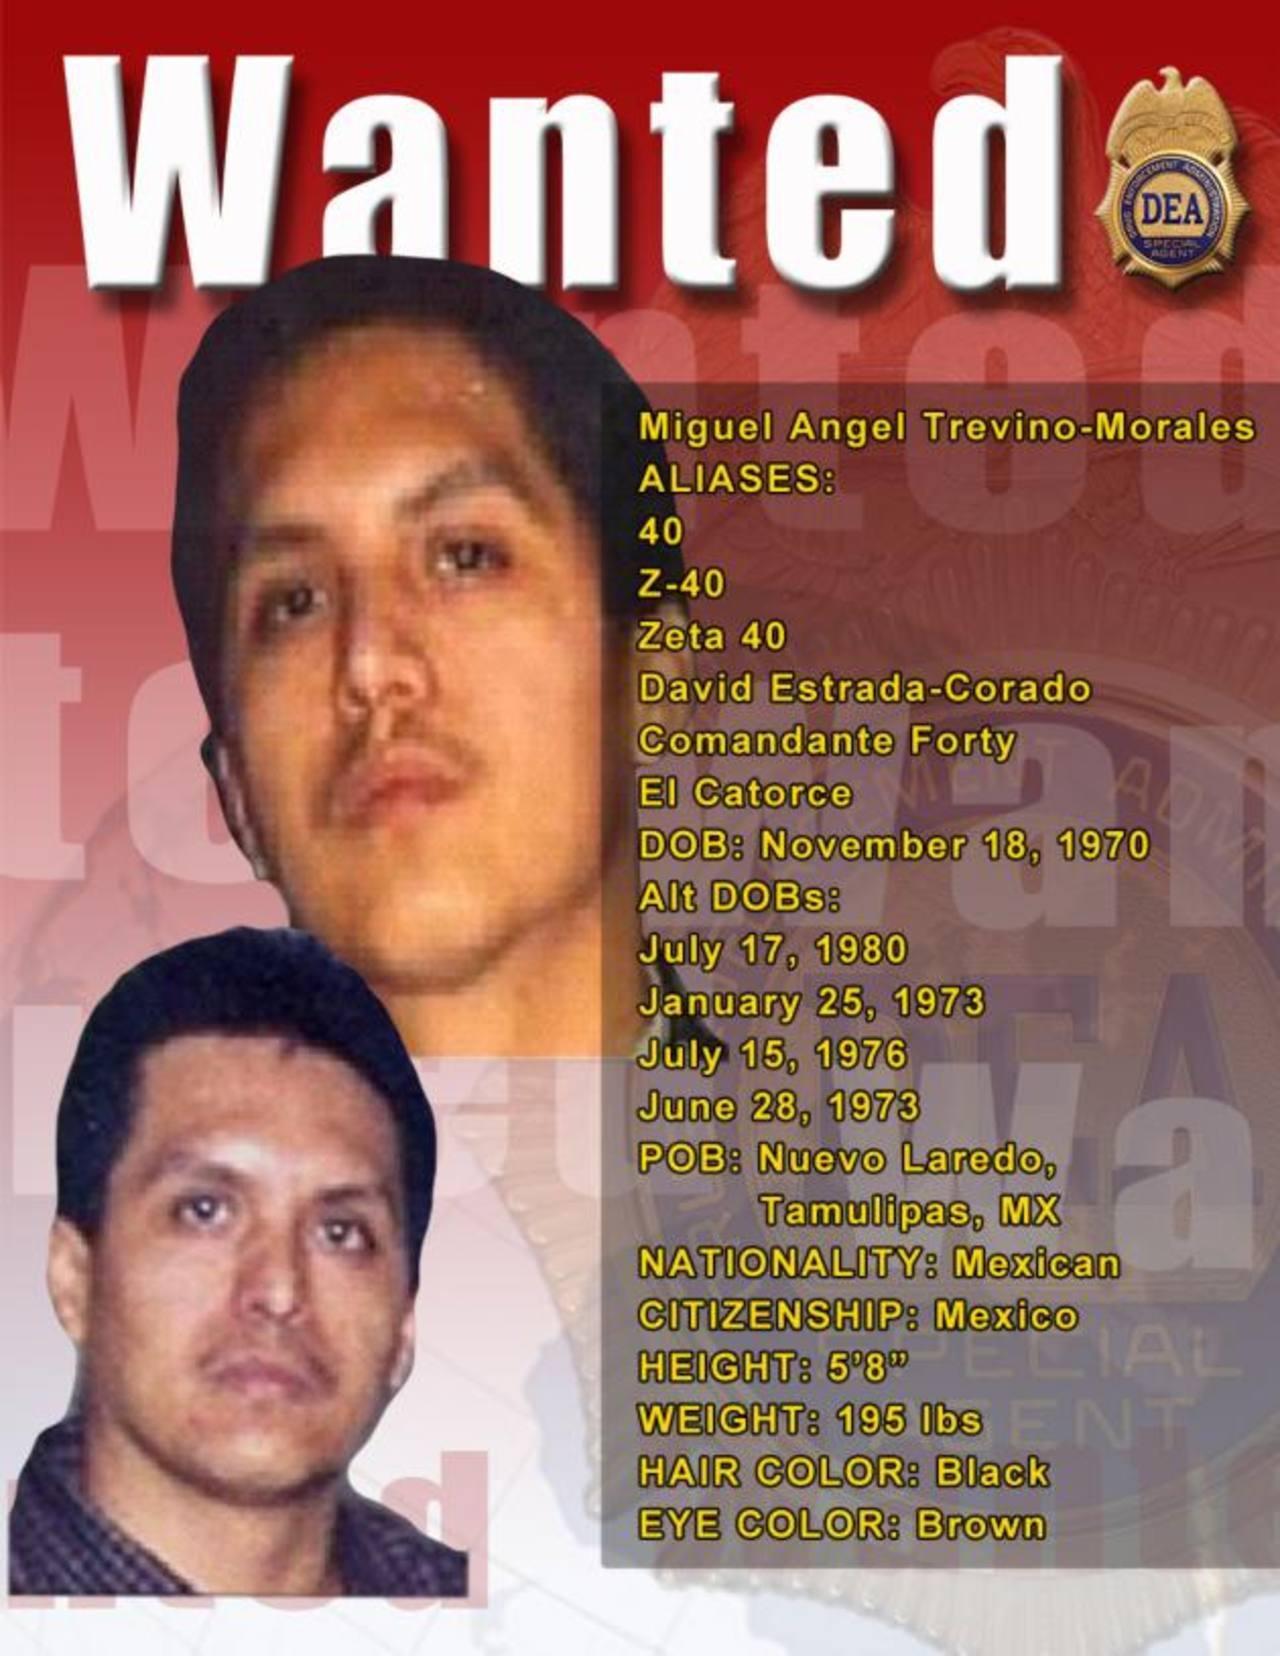 Miguel Ángel Treviño Morales también está vinculado con el secuestro y homicidio de 265 migrantes en Tamaulipas.